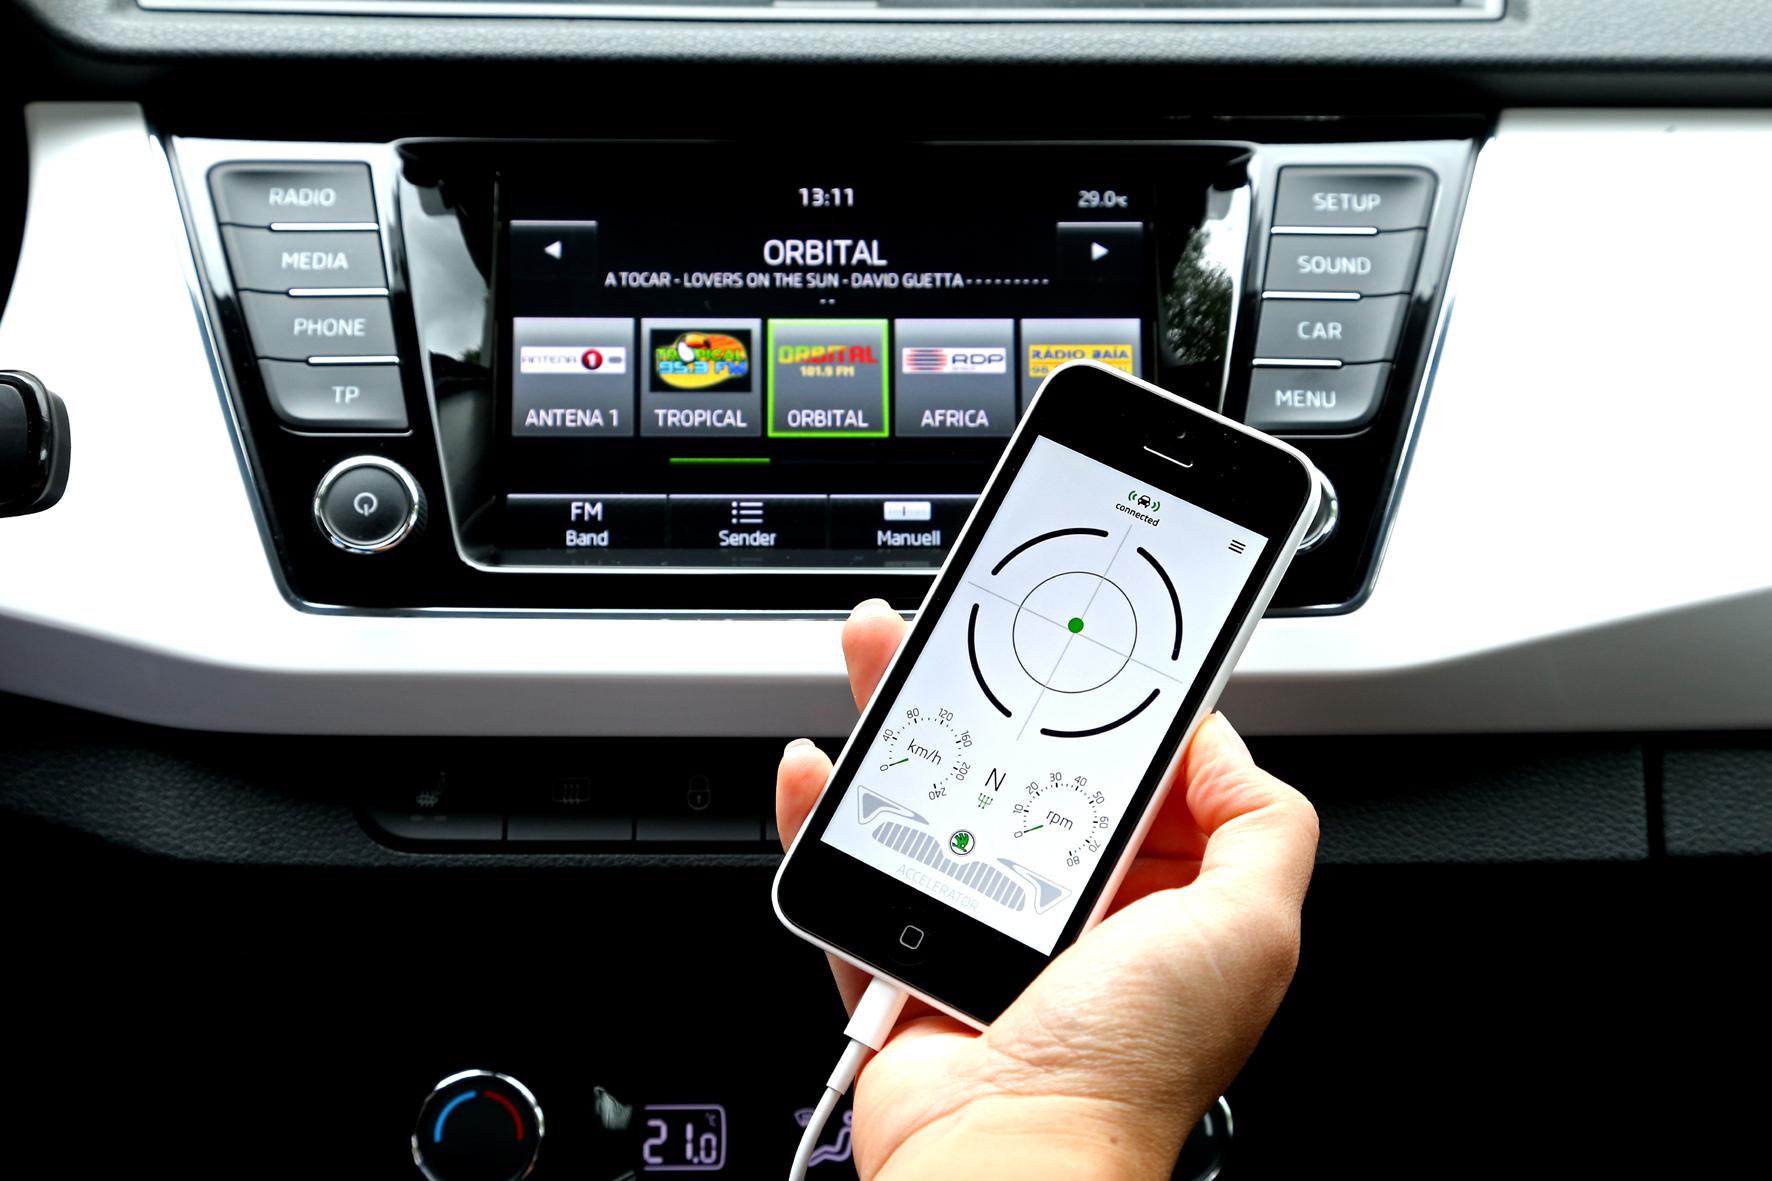 mid Düsseldorf - In fast allen Skoda-Baureihen wird ab sofort die Datenübertragung vom Fahrzeug aufs Smartphone erweitert: Mit der neuen Funktion SmartGate und den entsprechenden Apps werden die Nutzergeräte mit dem Auto verbunden.